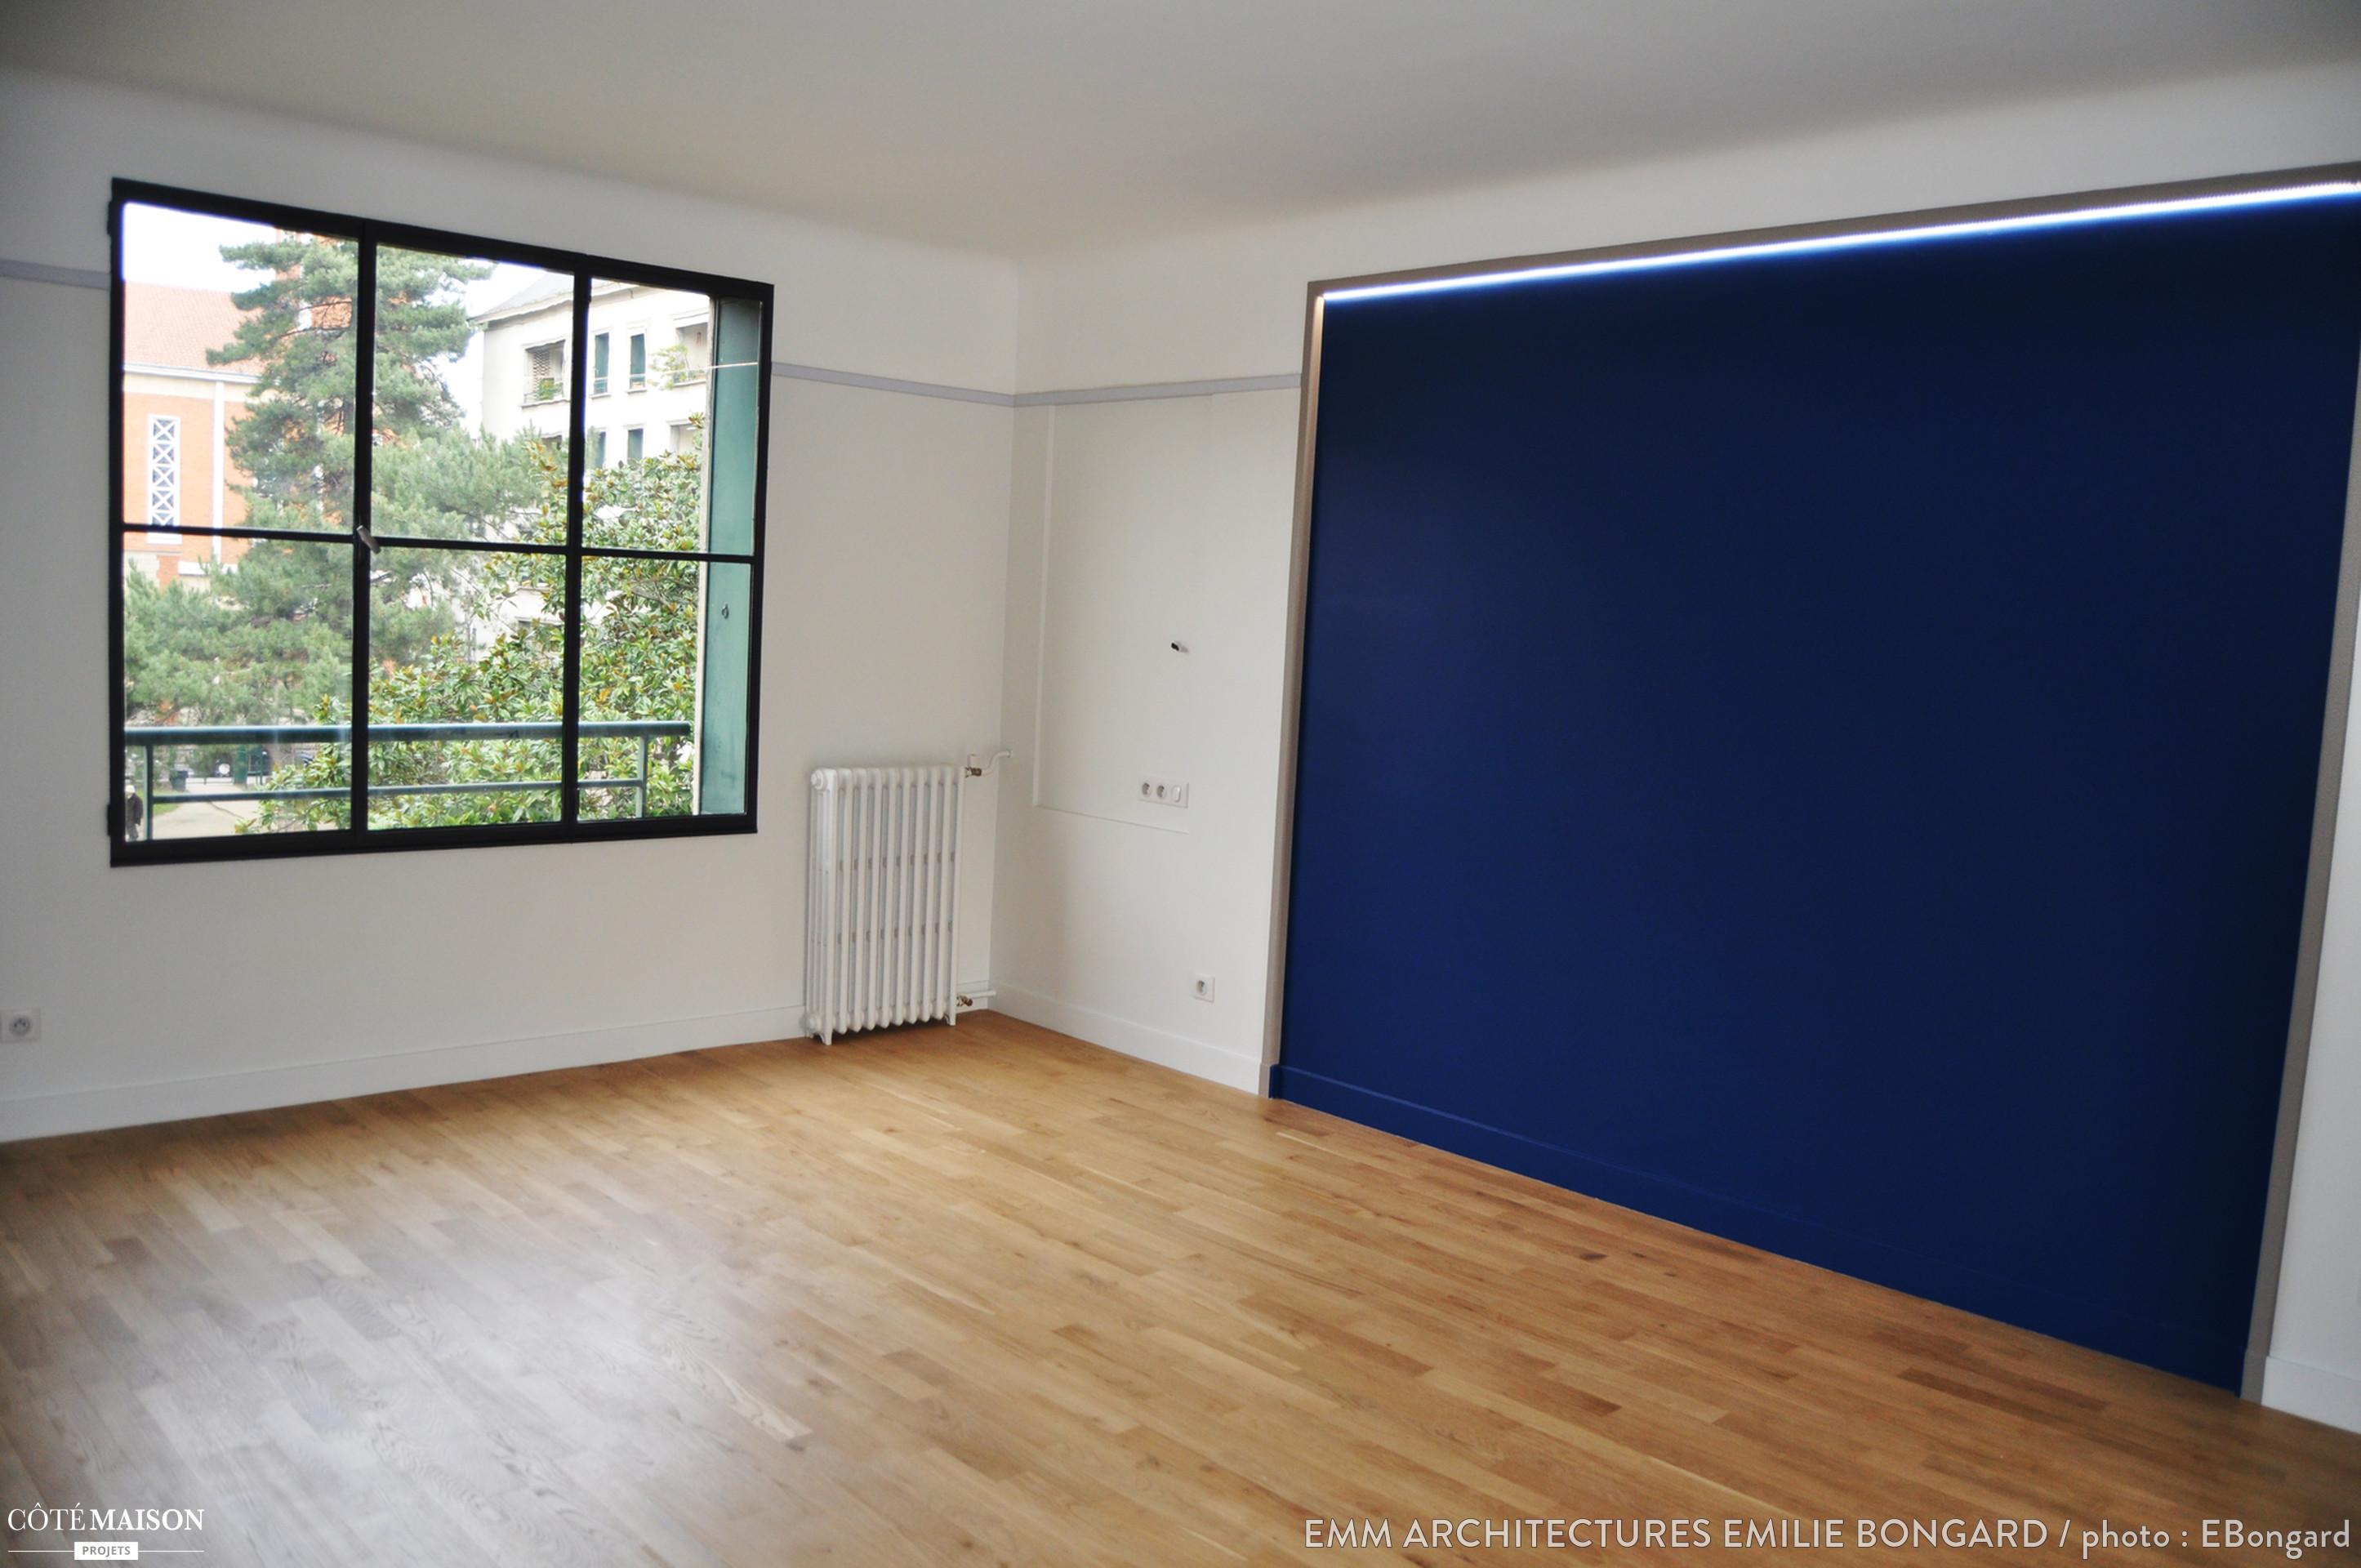 Appartement de 75m2 entirement repens MM Architectures Emilie Bongard  Ct Maison